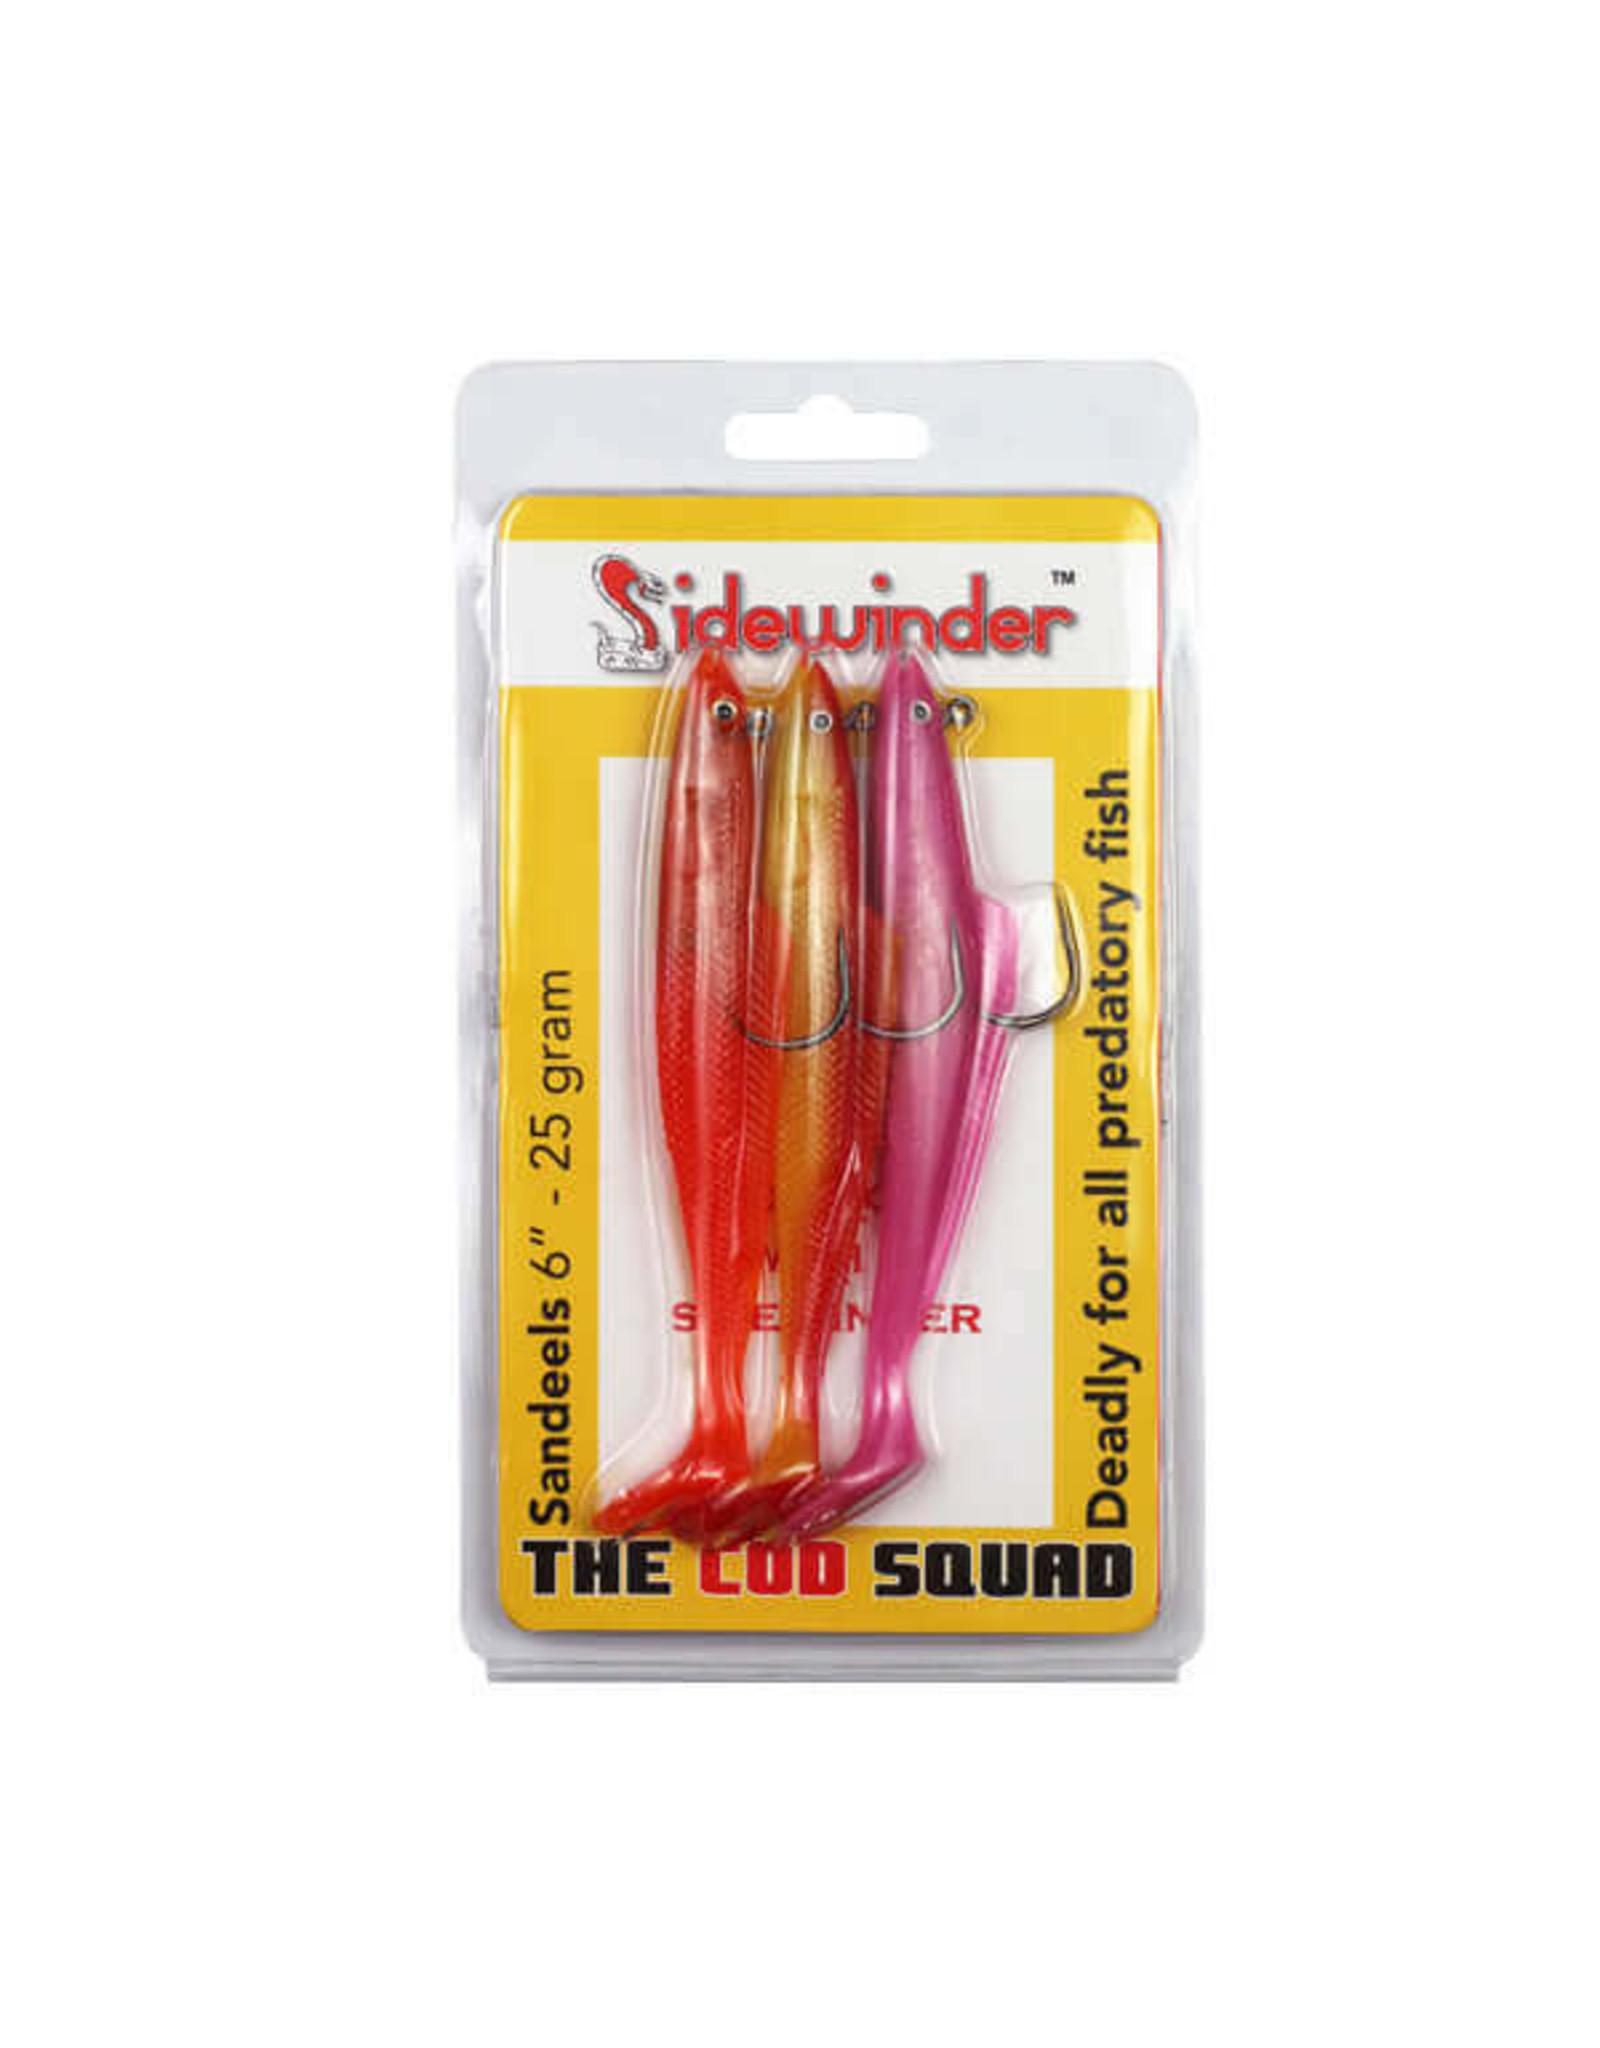 Sidewinder Sidewinder The Cod Squad